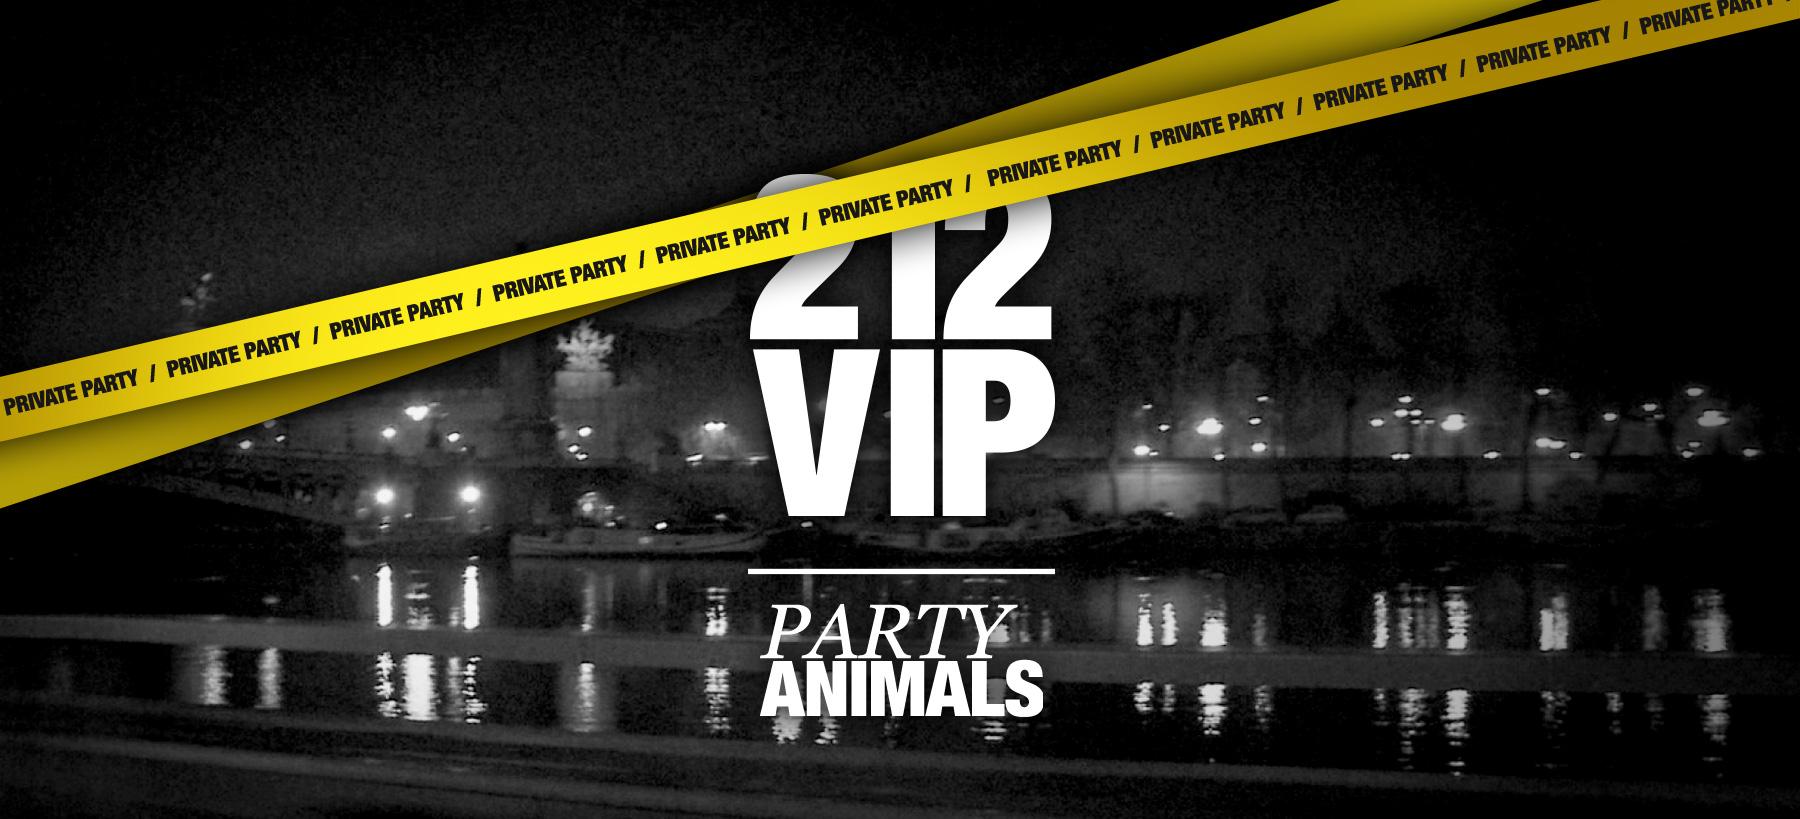 Directeur artistique freelance Portfolio Paris - 212 VIP